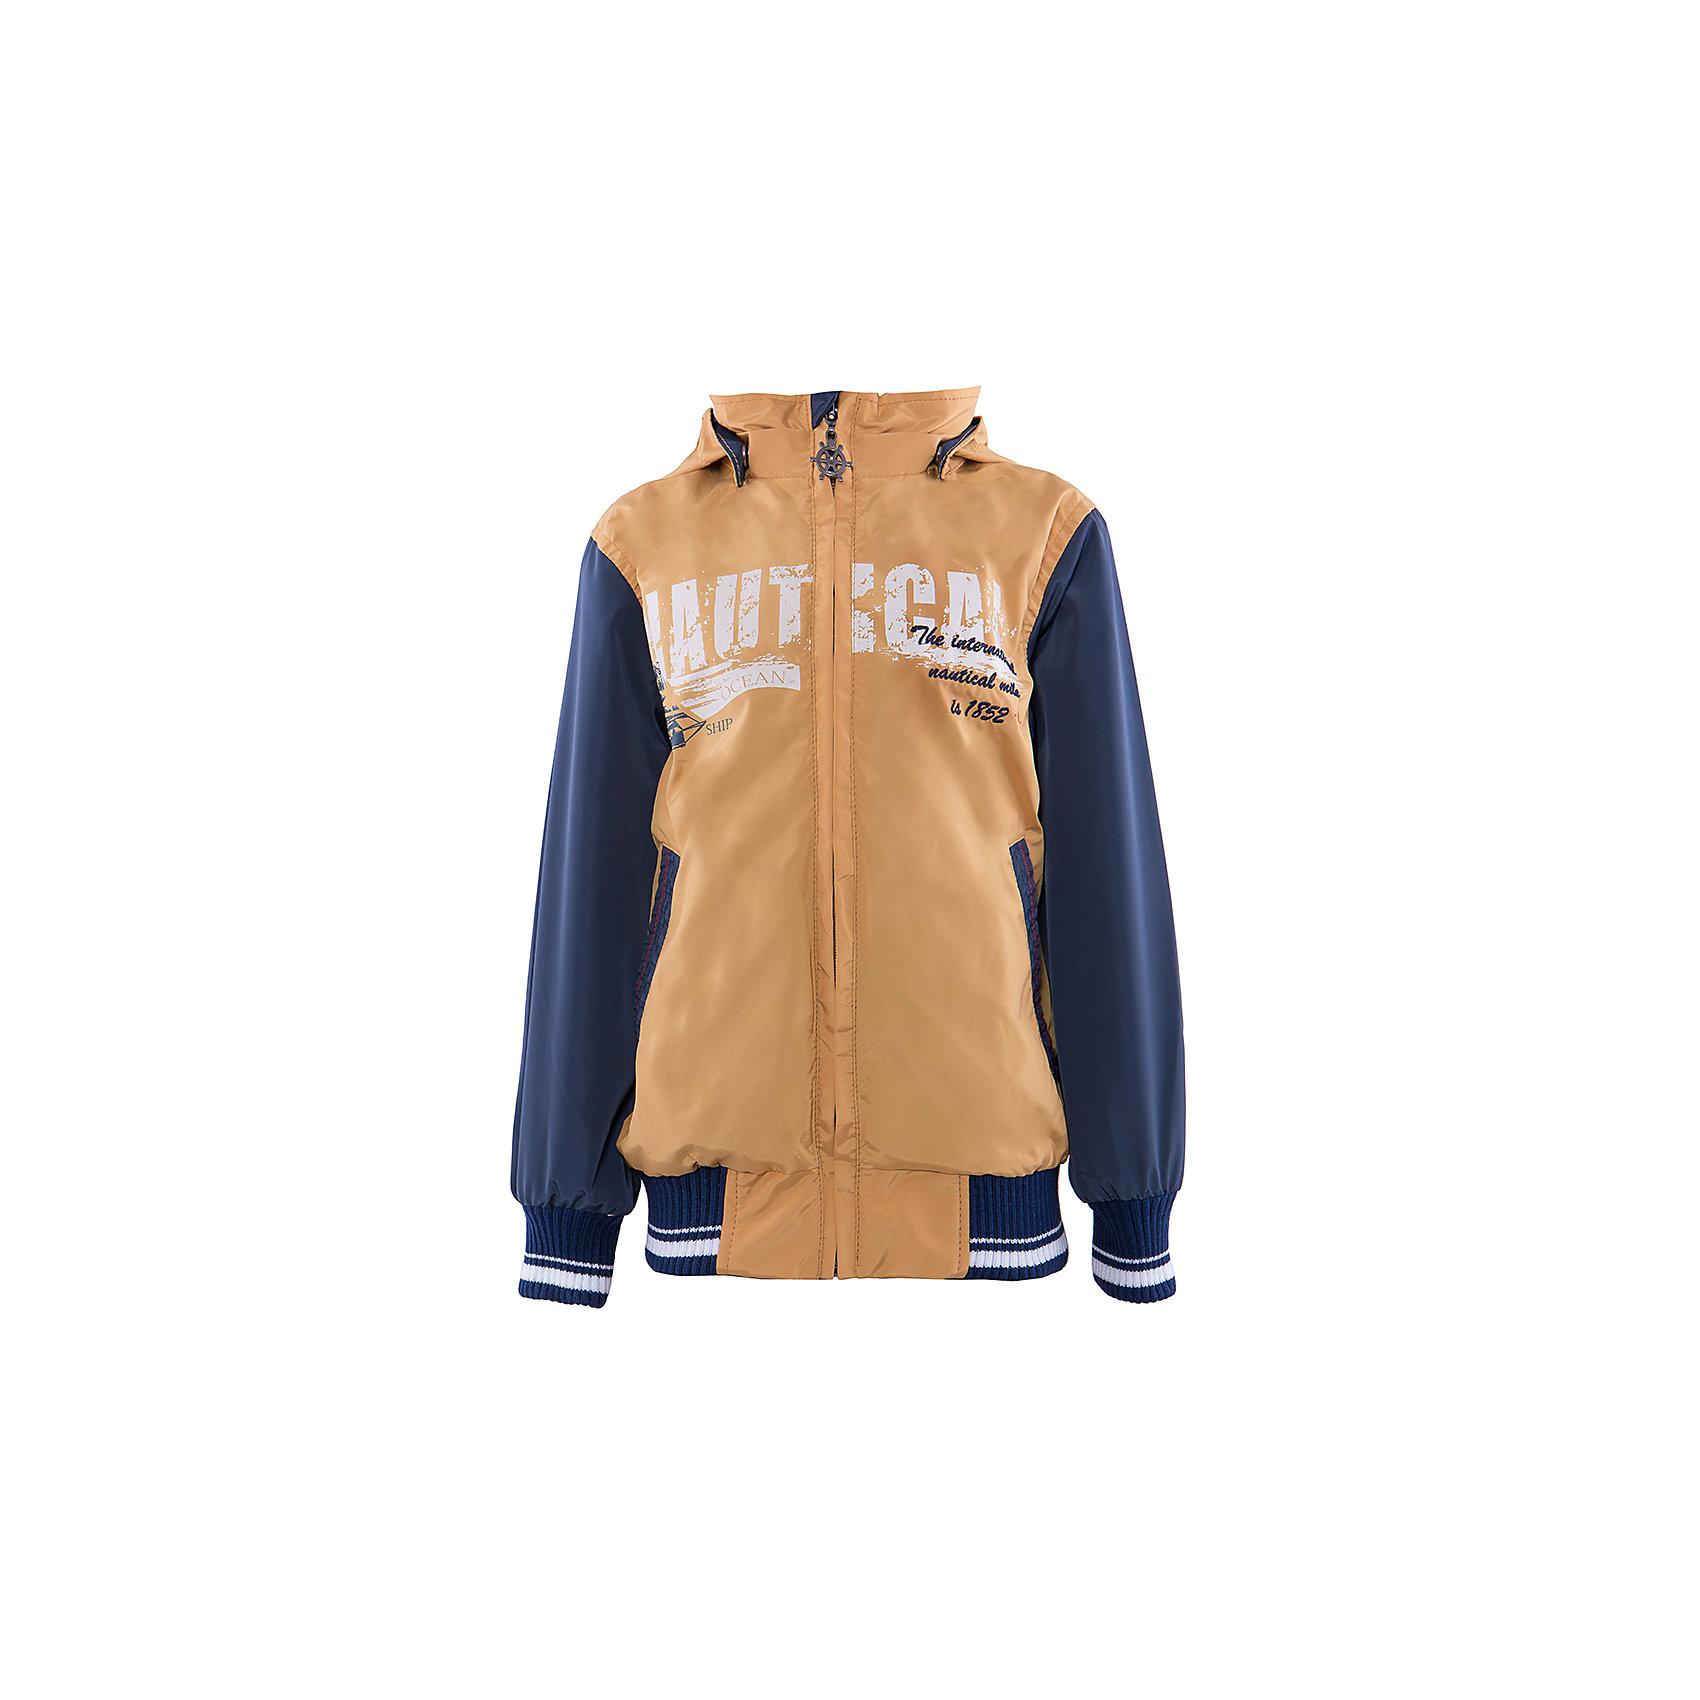 Ветровка для мальчика АртельВетровка для мальчика от торговой марки Артель &#13;<br>&#13;<br>Модная легкая куртка отлично подойдет для прогулок в прохладную погоду. Изделие выполнено из качественных материалов, имеет удобные карманы и капюшон. <br>Одежда от бренда Артель – это высокое качество по приемлемой цене и всегда продуманный дизайн. &#13;<br>&#13;<br>Особенности модели: &#13;<br>- цвет - желтый;&#13;<br>- наличие карманов;&#13;<br>- наличие капюшона;&#13;<br>- низ и манжеты - из трикотажной резинки;&#13;<br>- декорирована принтом;&#13;<br>- застежка-молния.&#13;<br>&#13;<br>Дополнительная информация:&#13;<br>&#13;<br>Состав: &#13;<br>- верх: PRINC;&#13;<br>- подкладка: хлопок интерлок, тиси.&#13;<br>&#13;<br>Температурный режим: &#13;<br>от +10 °C до +20 °C&#13;<br>&#13;<br>Ветровку для мальчика Артель (Artel) можно купить в нашем магазине.<br><br>Ширина мм: 356<br>Глубина мм: 10<br>Высота мм: 245<br>Вес г: 519<br>Цвет: желтый<br>Возраст от месяцев: 72<br>Возраст до месяцев: 84<br>Пол: Мужской<br>Возраст: Детский<br>Размер: 122,116,110,128,104<br>SKU: 4496232